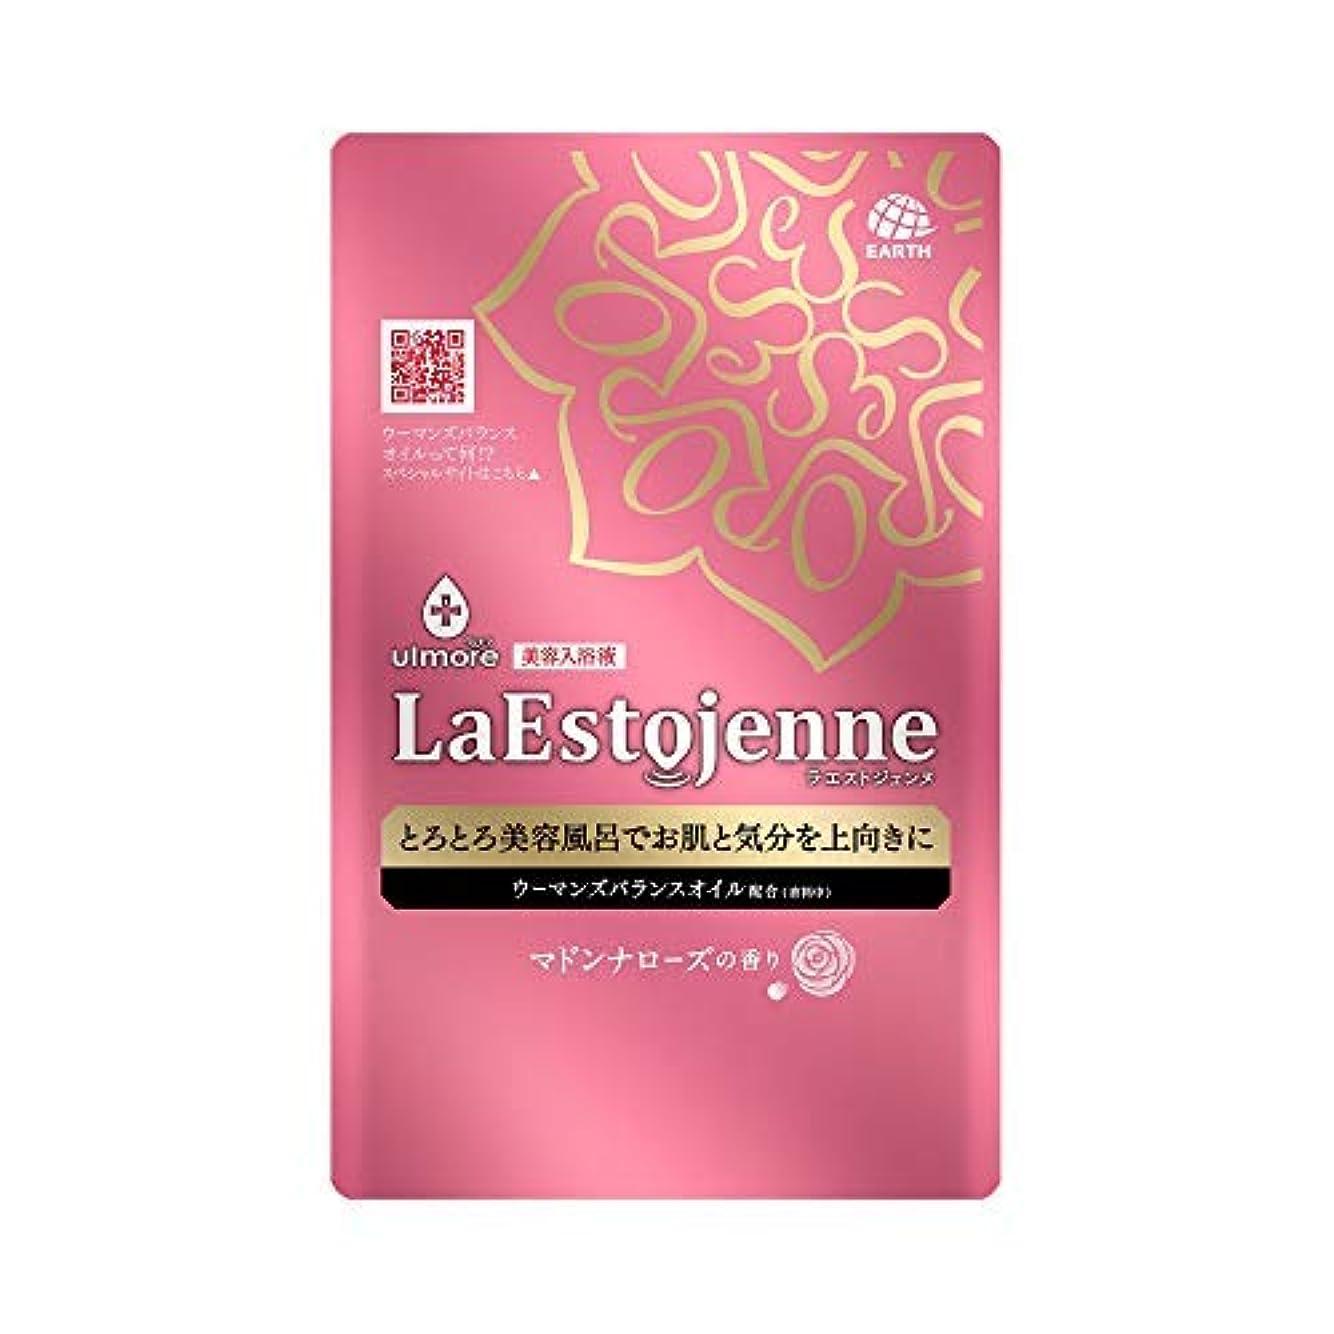 ラグに渡ってかごウルモア ラエストジェンヌ マドンナローズの香り 1包 × 2個セット